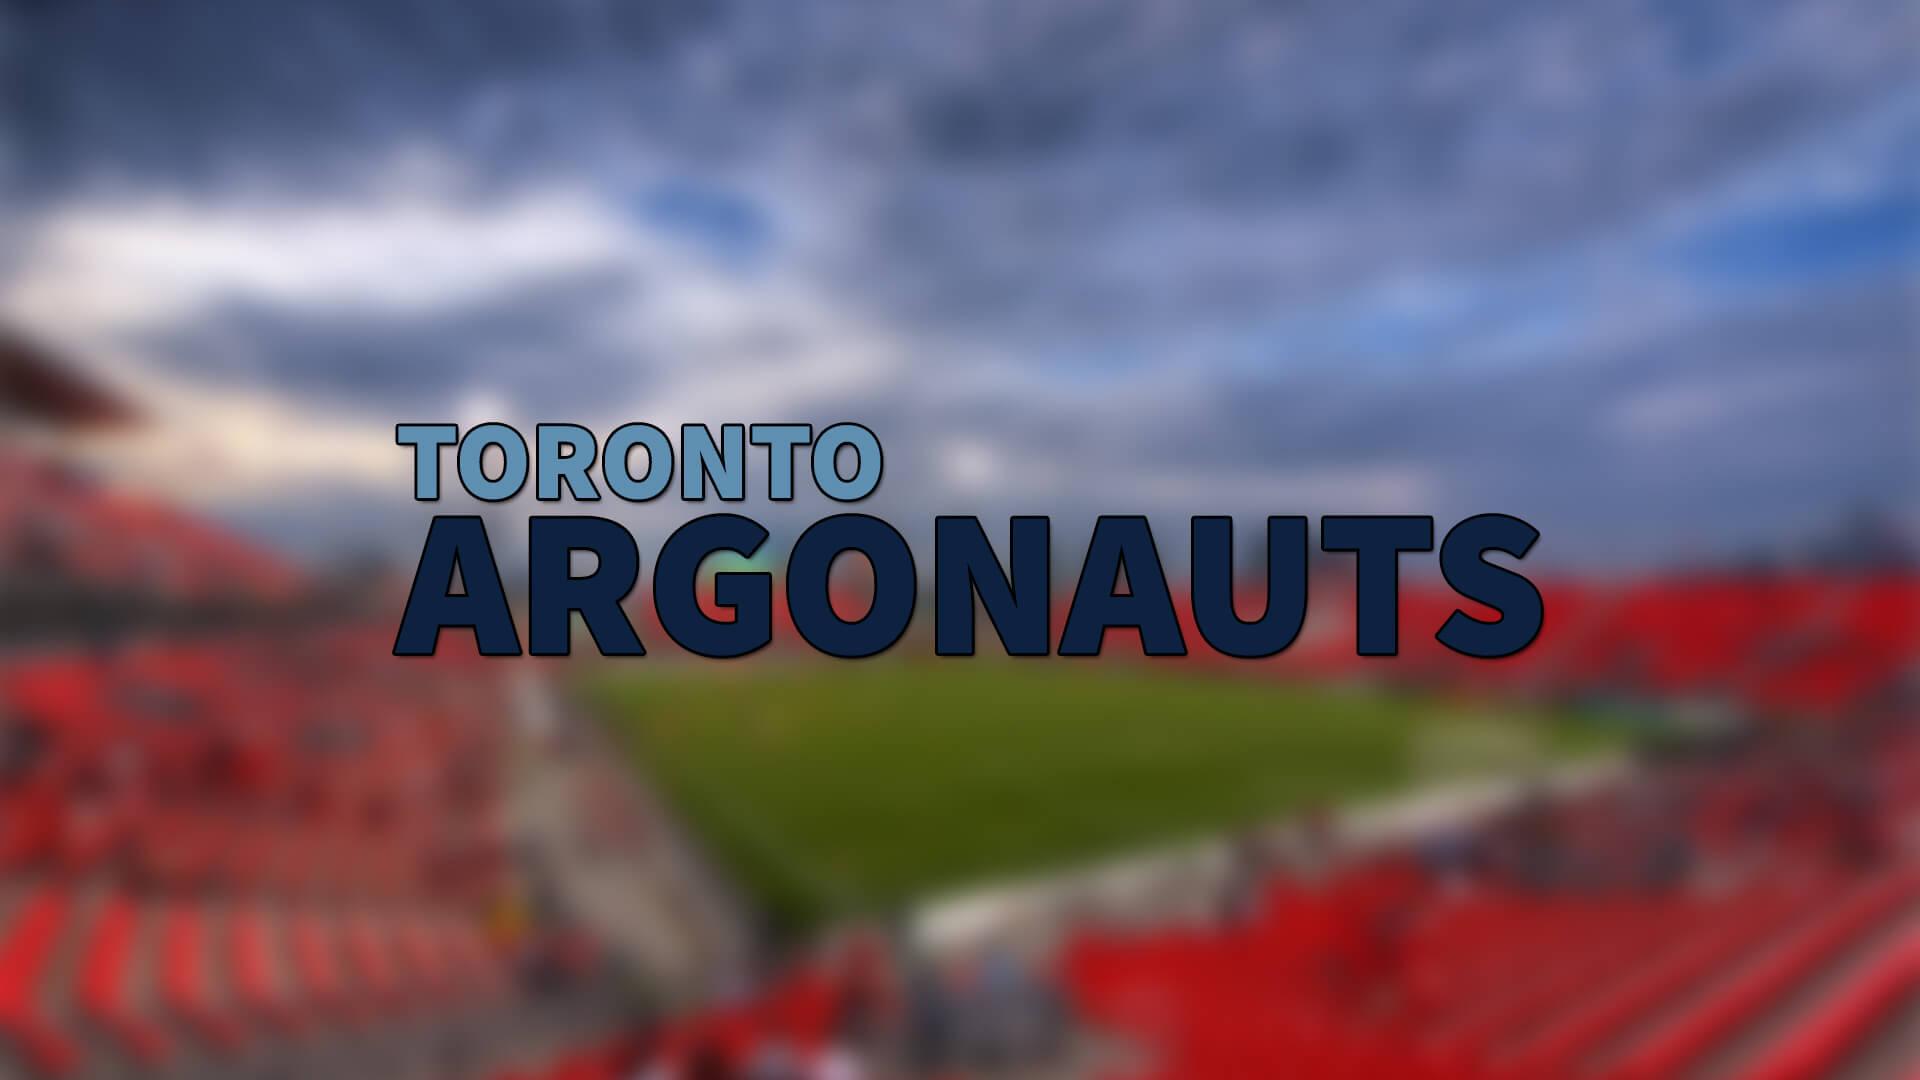 Toronto Argonauts 2 Oyuncuyu Transfer Etti | Korumalı Futbol Türkiye